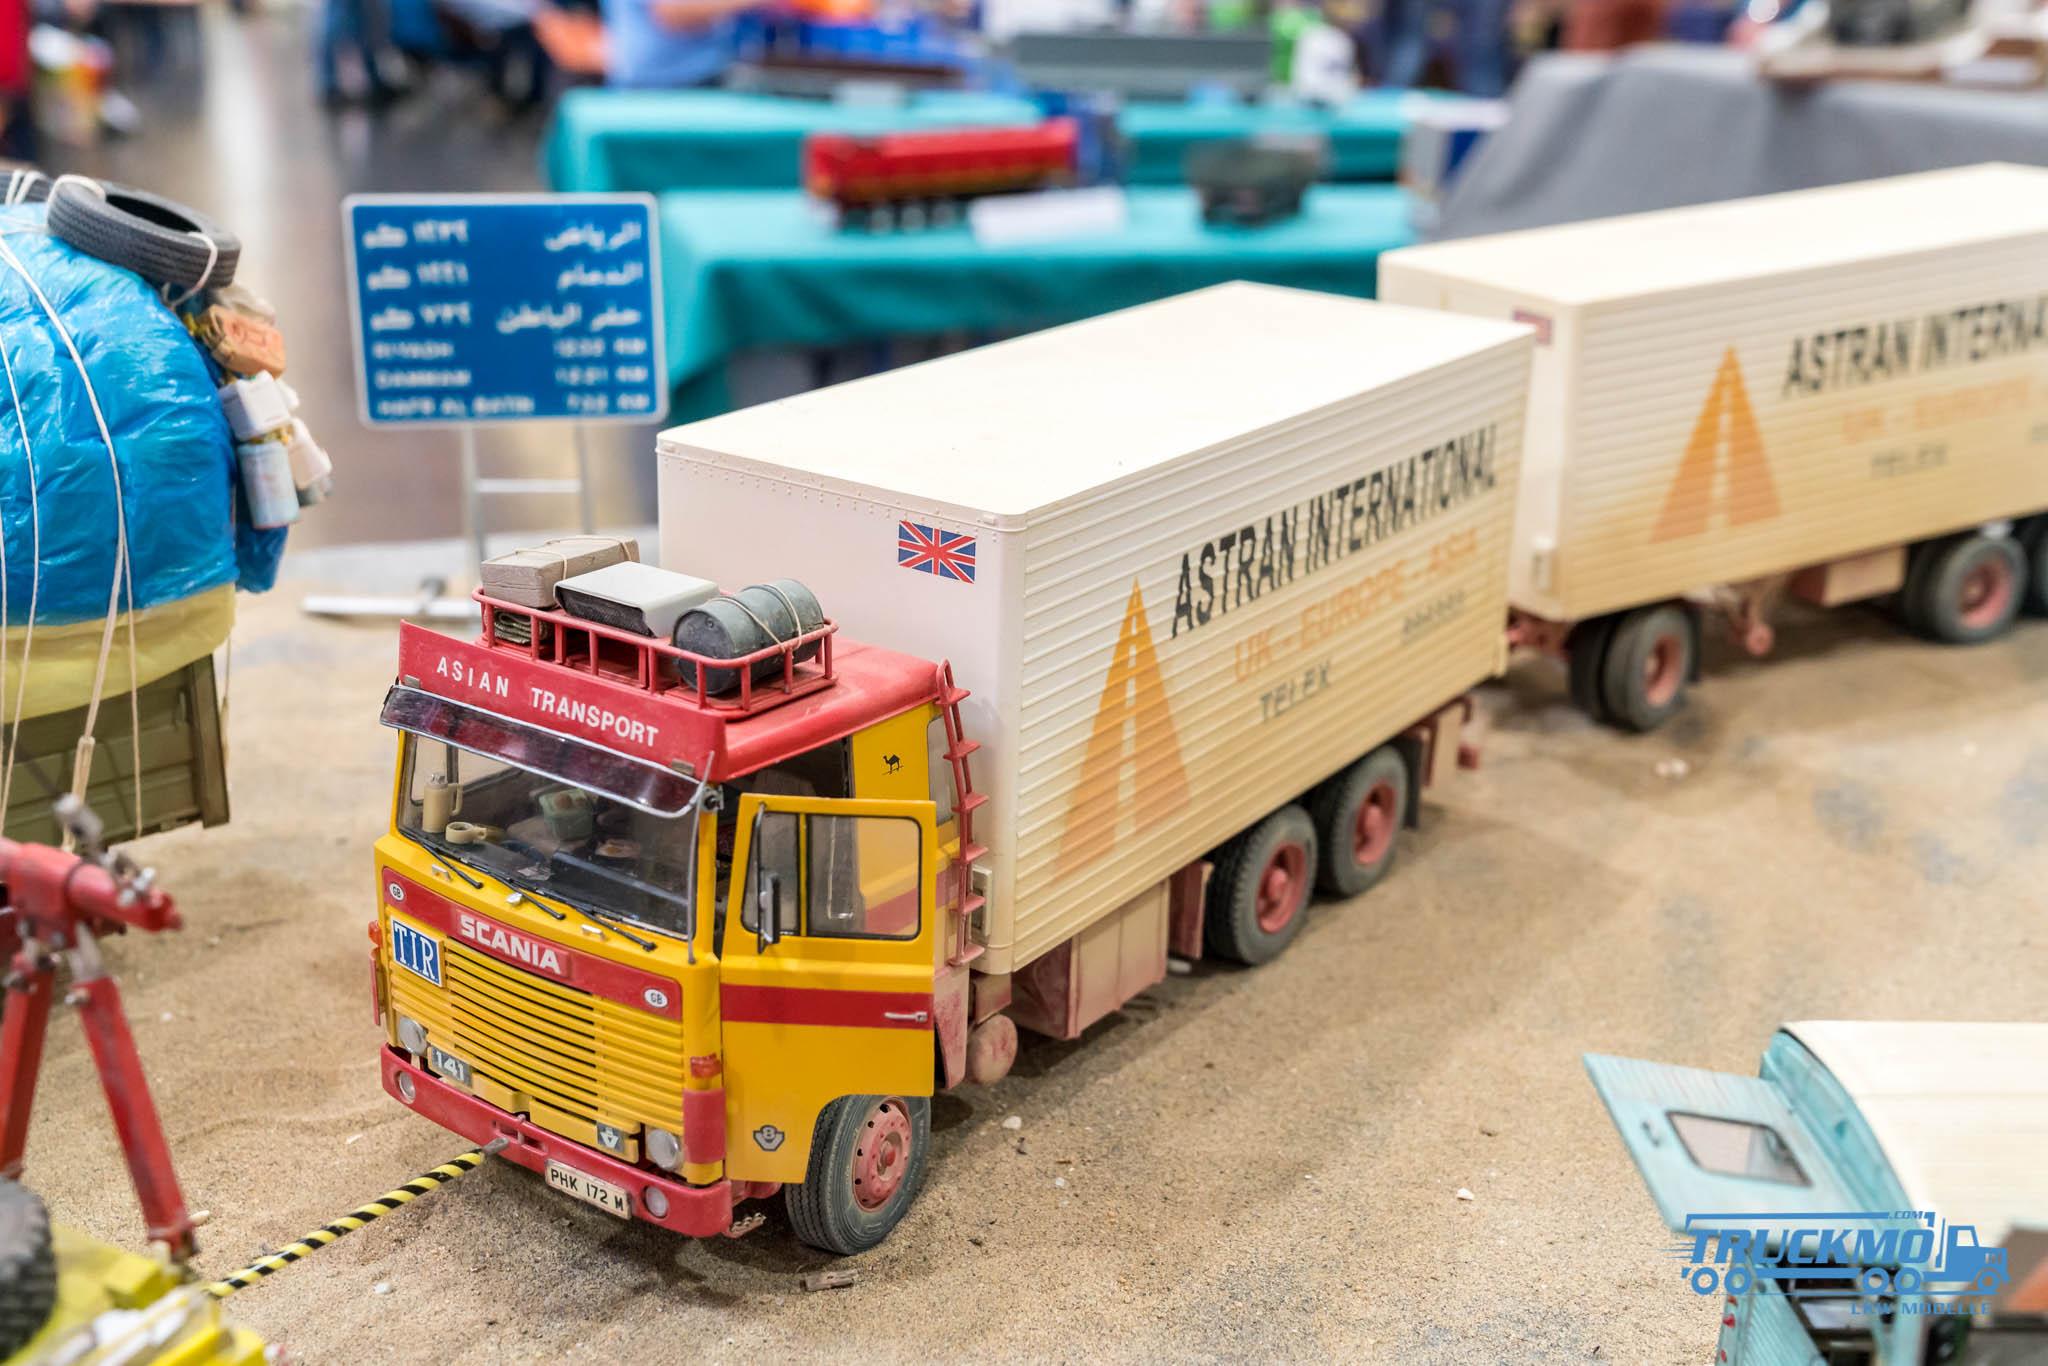 Truckmo_Modellbau_Ried_2017_Herpa_Messe_Modellbauausstellung (427 von 1177)